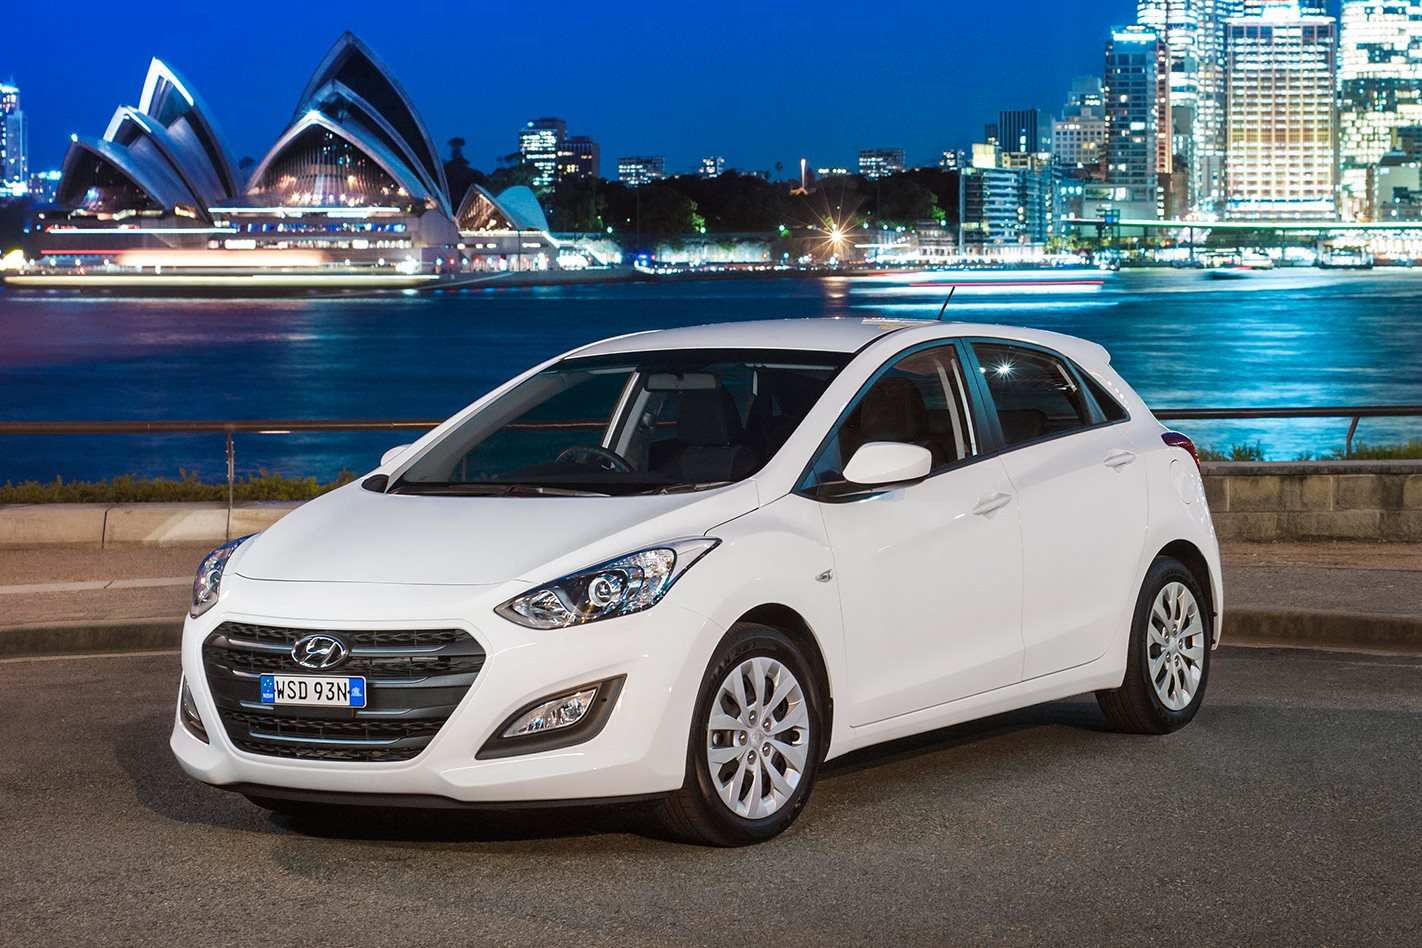 Top Gear Tyres >> Top 10 most popular vehicles in Australia, June 2016